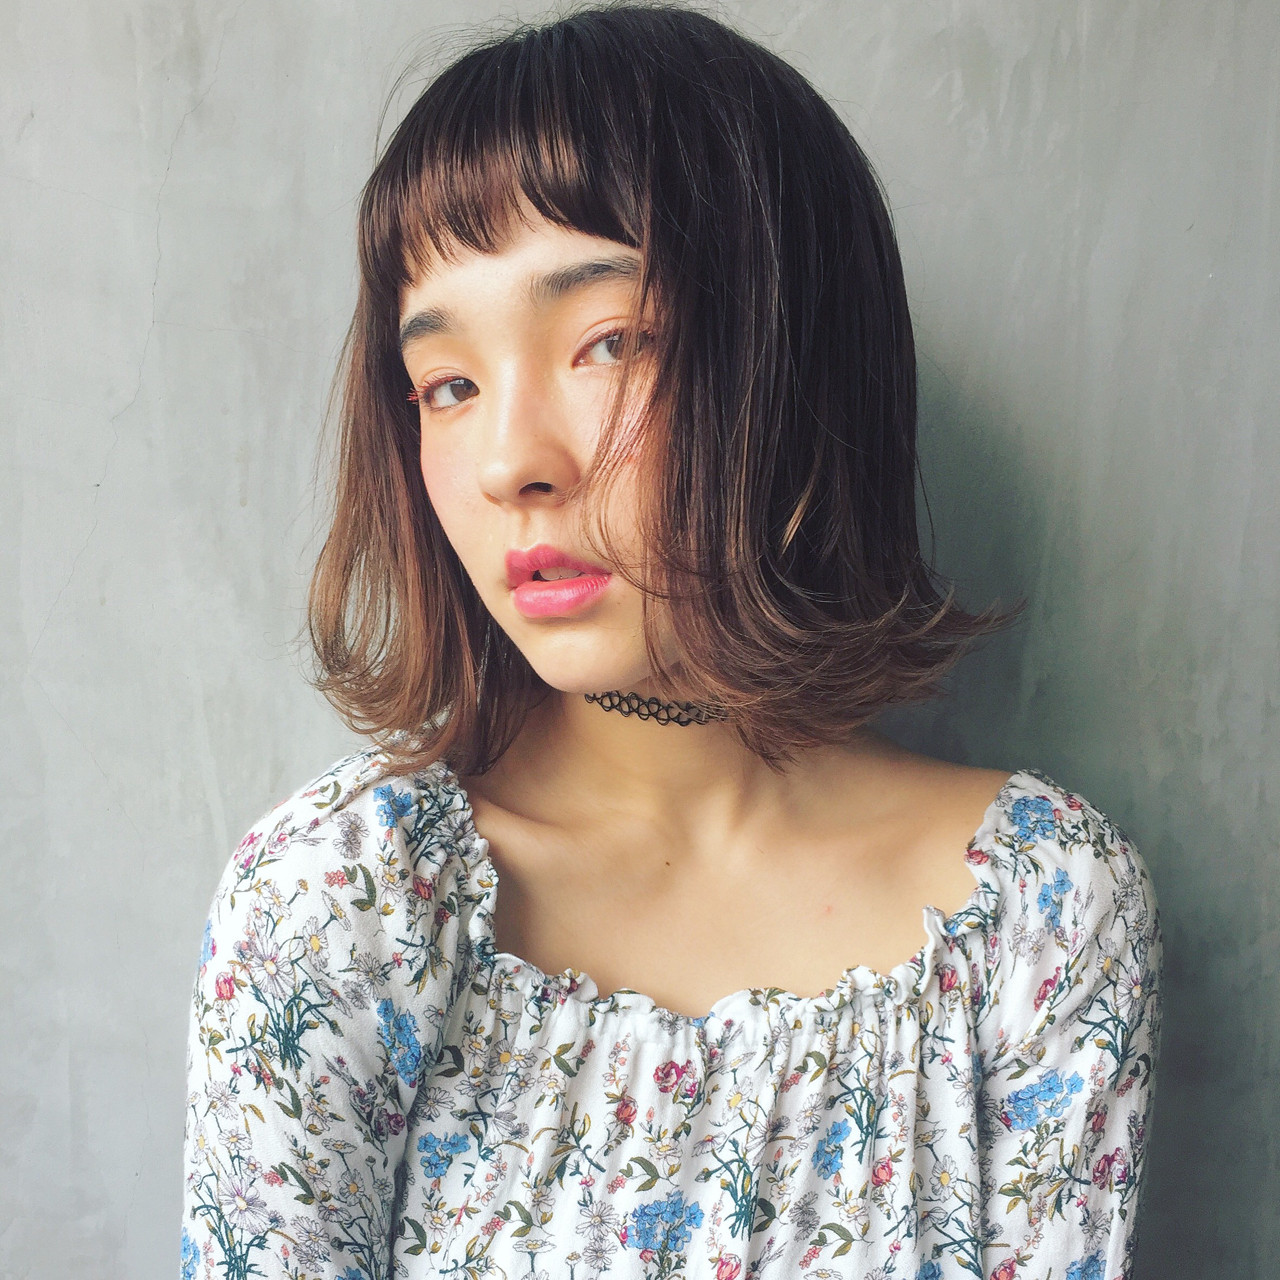 ガーリー 外ハネ ヘアアレンジ ハイライト ヘアスタイルや髪型の写真・画像 | 柴田 夏実 / ALBUM